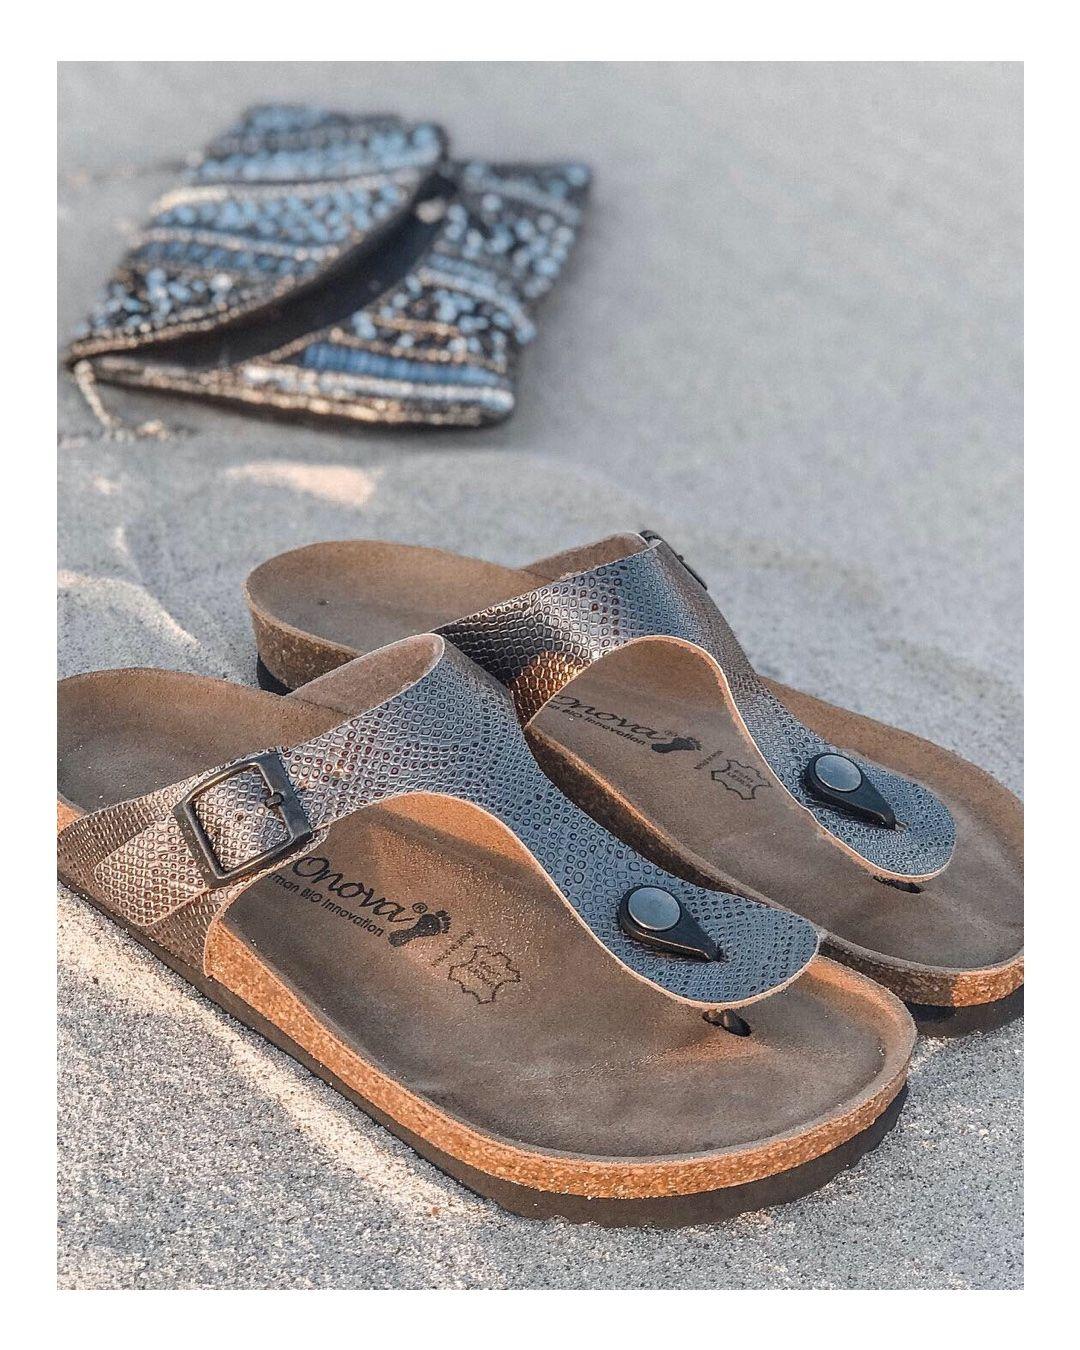 Ein Bequemer Schuh Braucht Vor Allem Eins Ein Gutes Fussbett Das Den Fuss Stutzt Entlastet Und Vor Zu Star Damen Sommerschuhe Sommerschuhe Herren Sommerschuhe